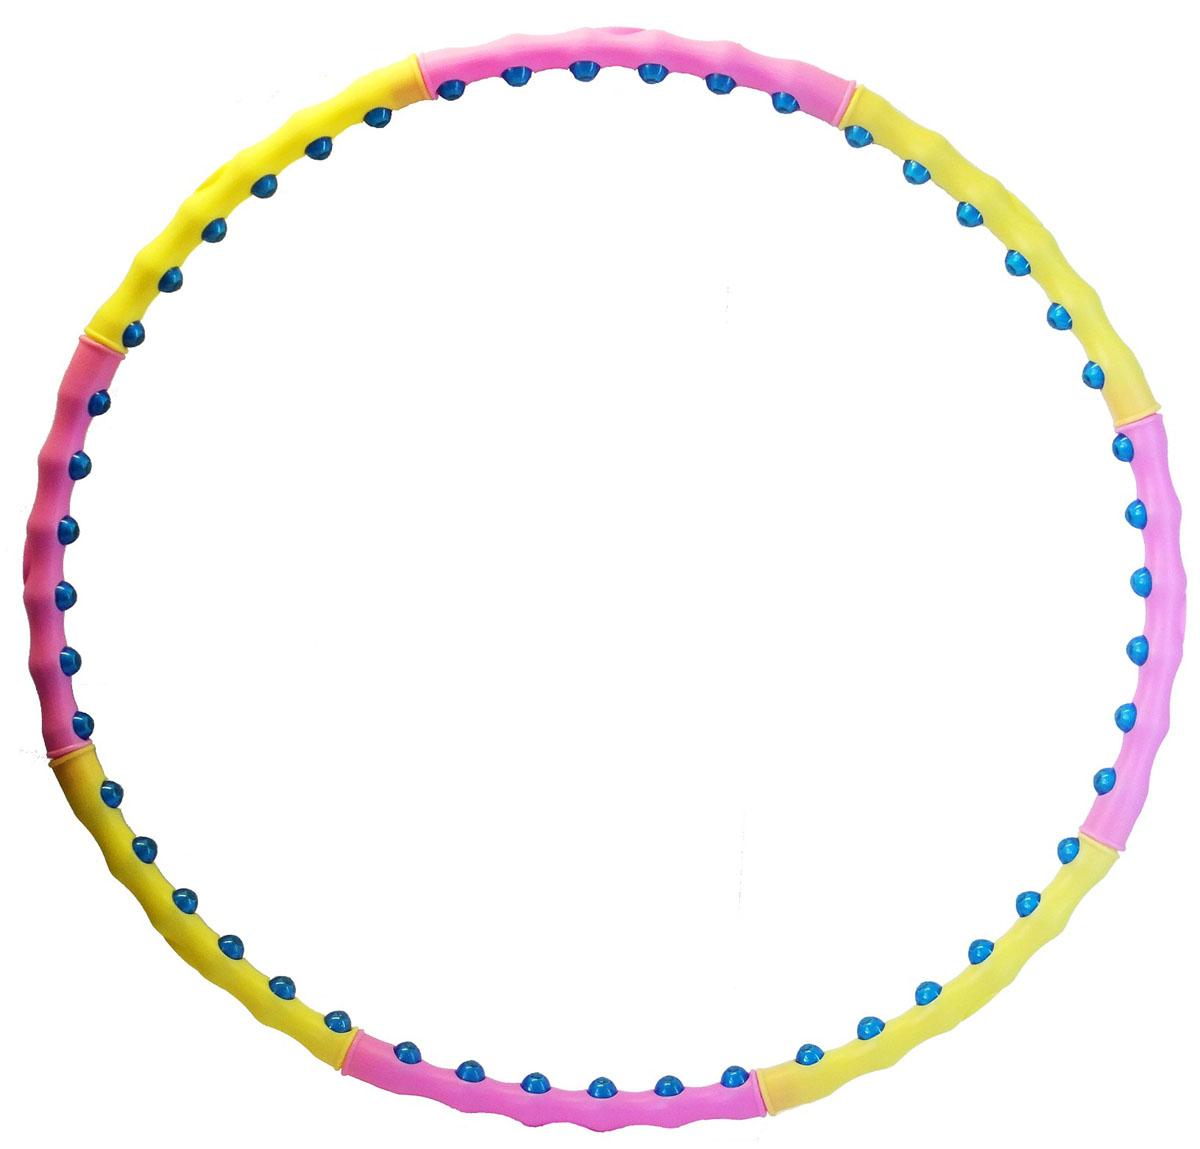 Обруч массажный разборный Hao Tian, диаметр 105 см